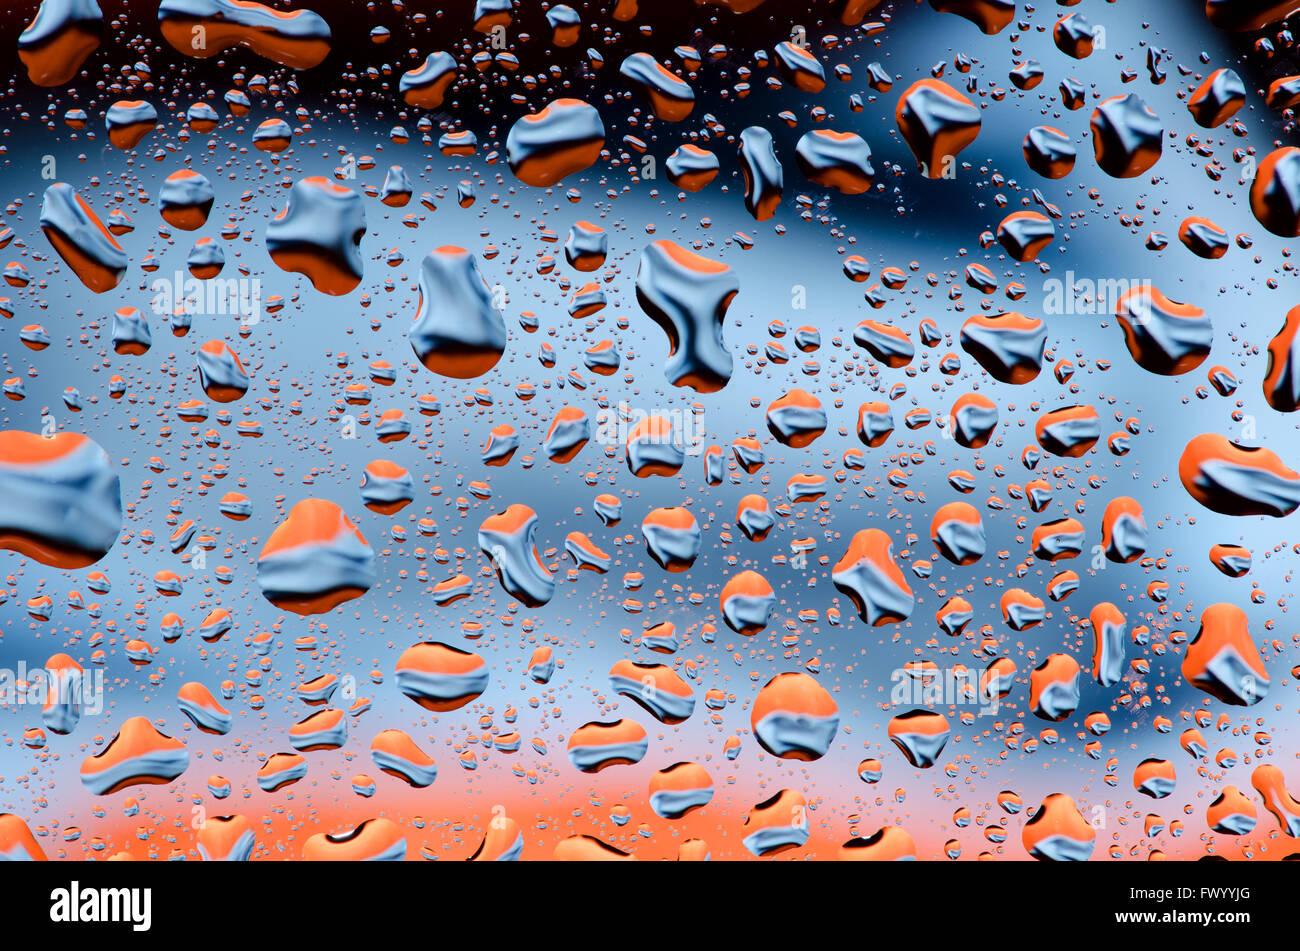 Schwarz blau orangener Hintergrund mit Wasser Tropfen Muster. Stockbild